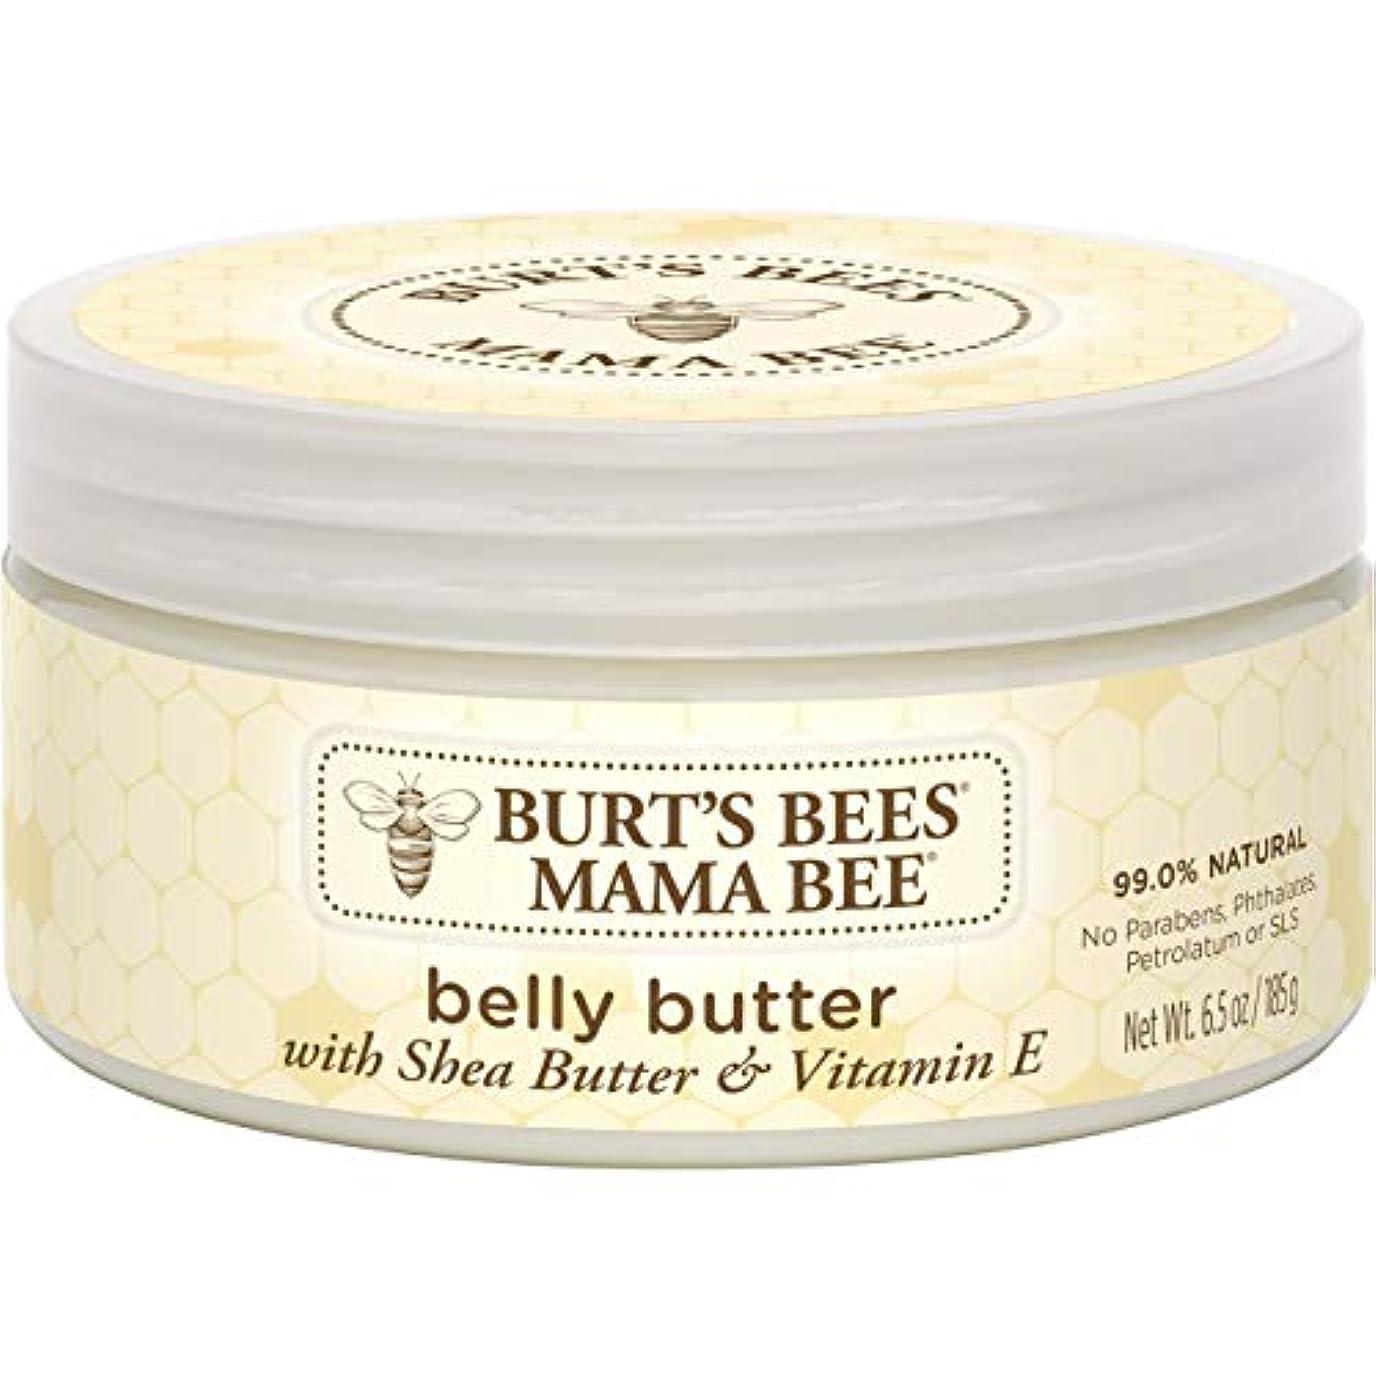 金貸し奨学金助言するBurt's Beets ママビー産前、産後のためのお腹専用バター185g**並行輸入